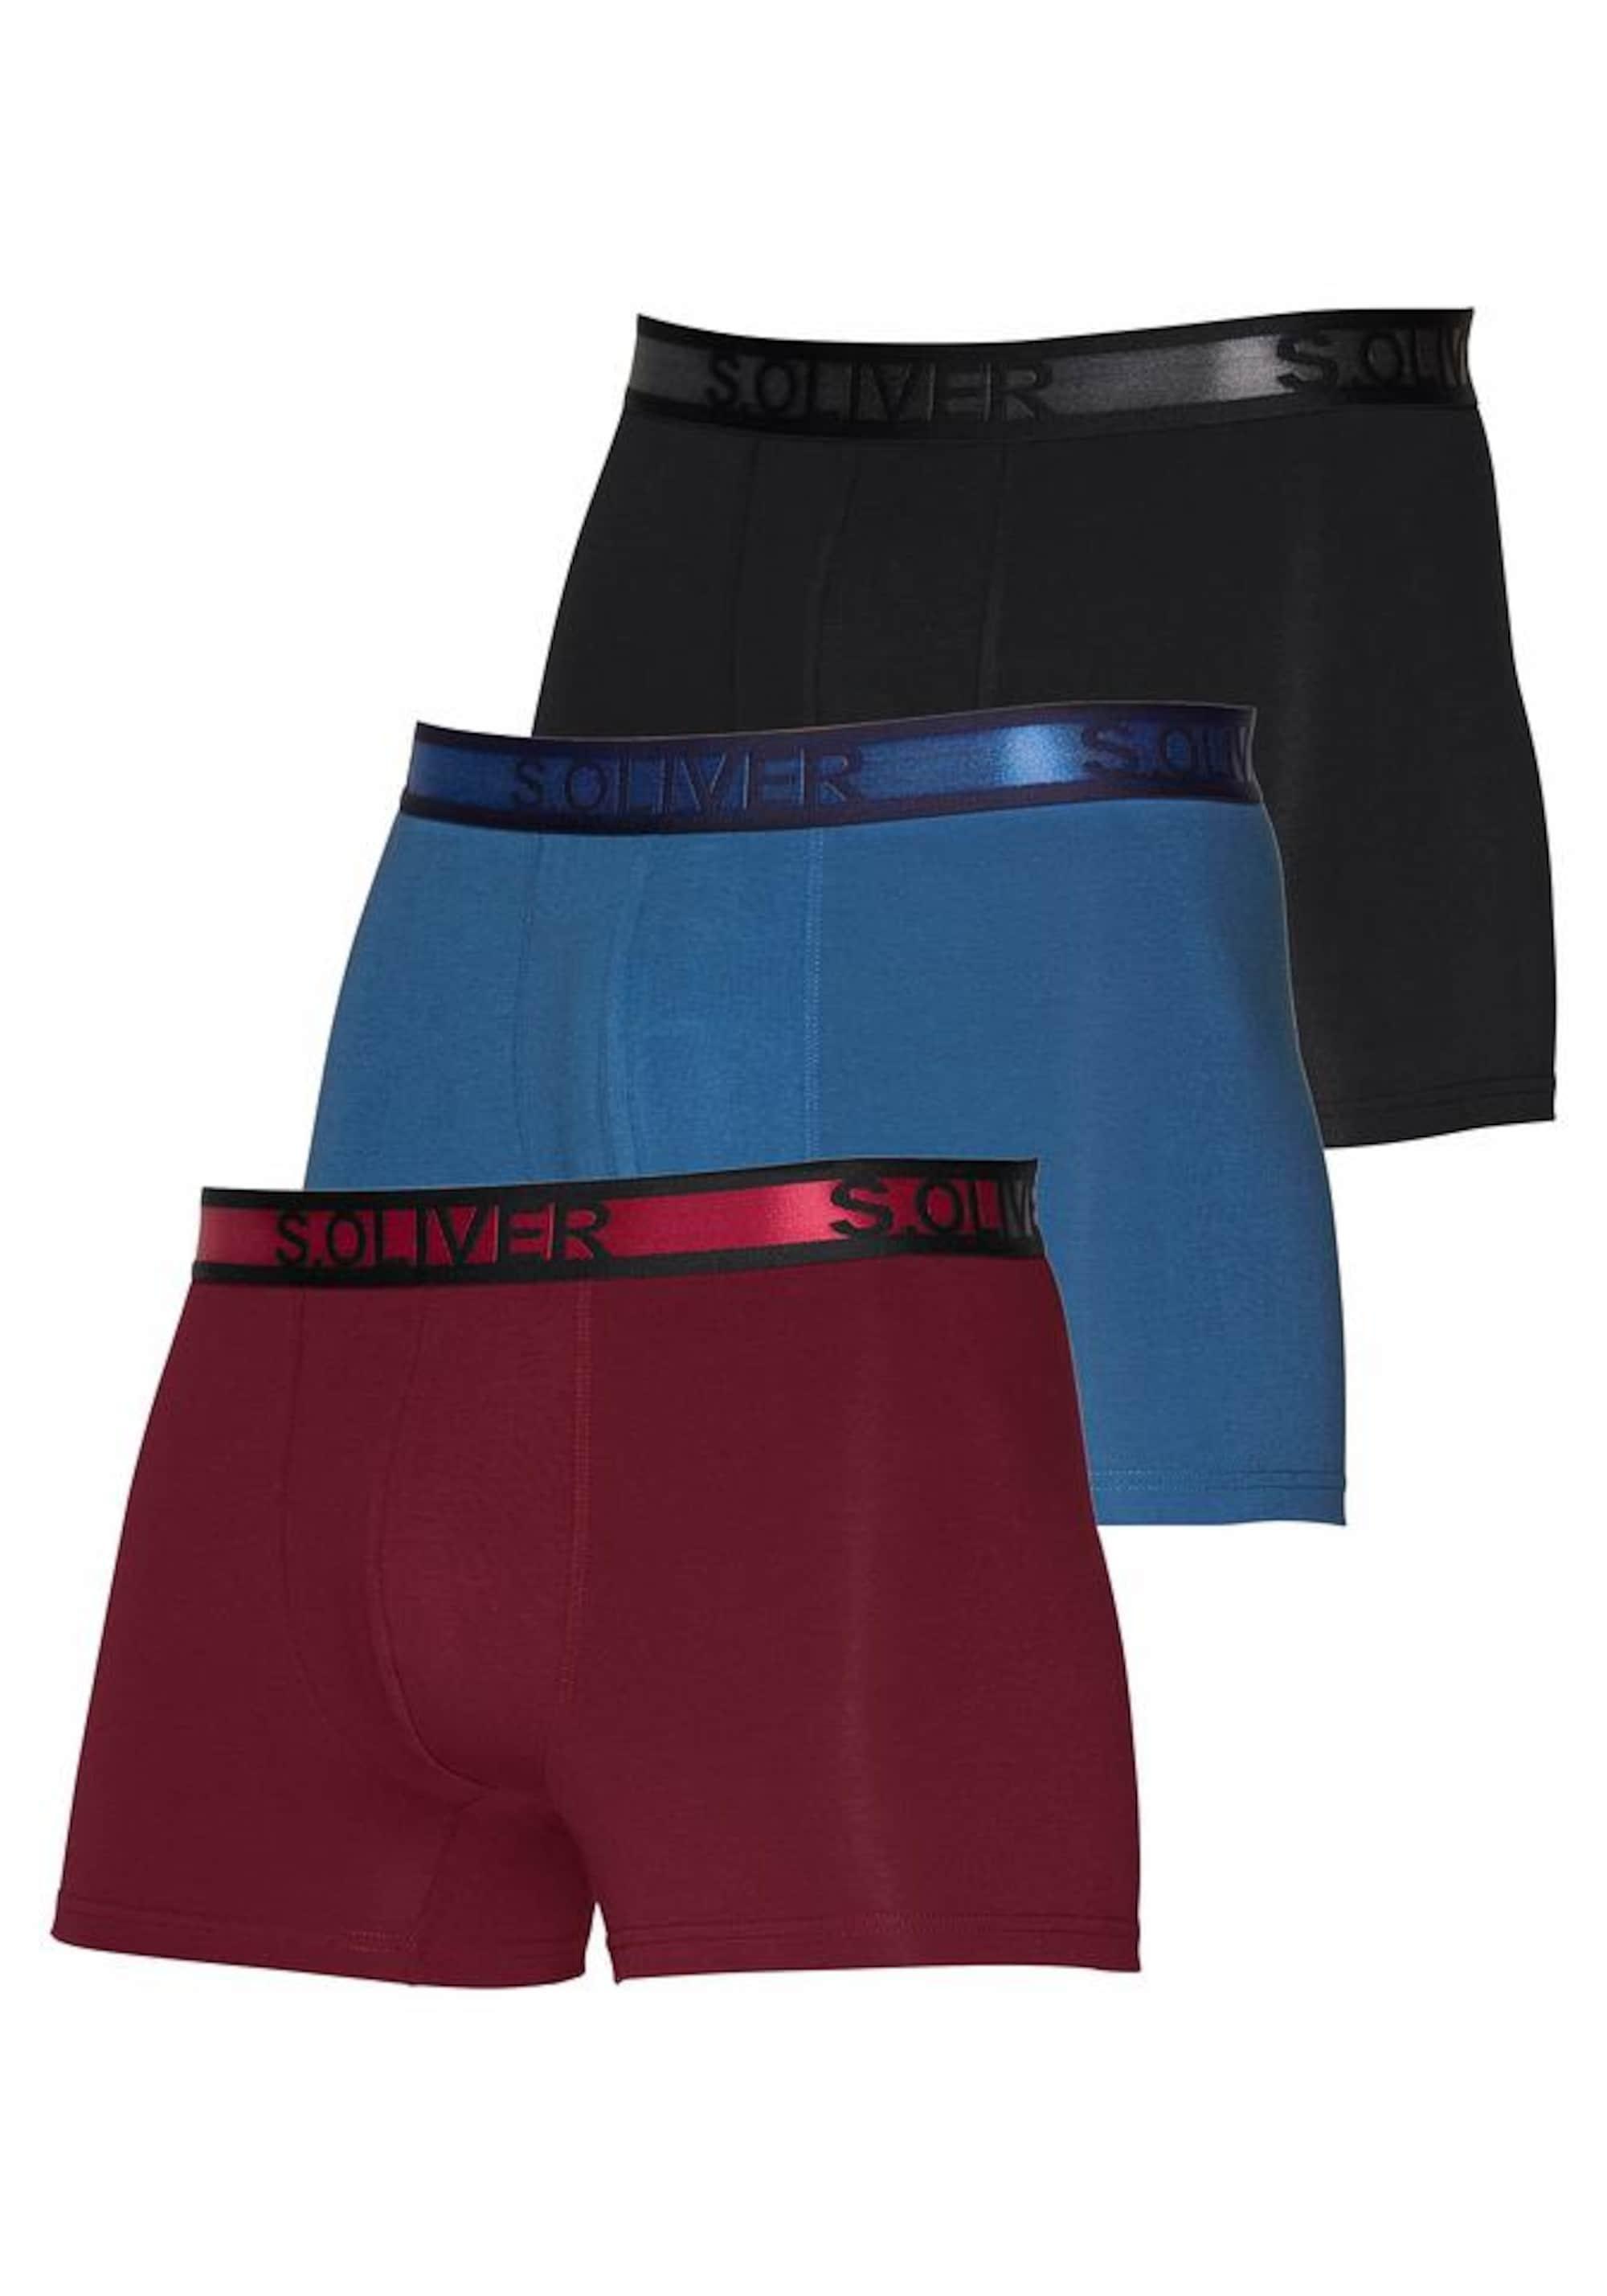 s.oliver red label - Boxershorts 3er Pack